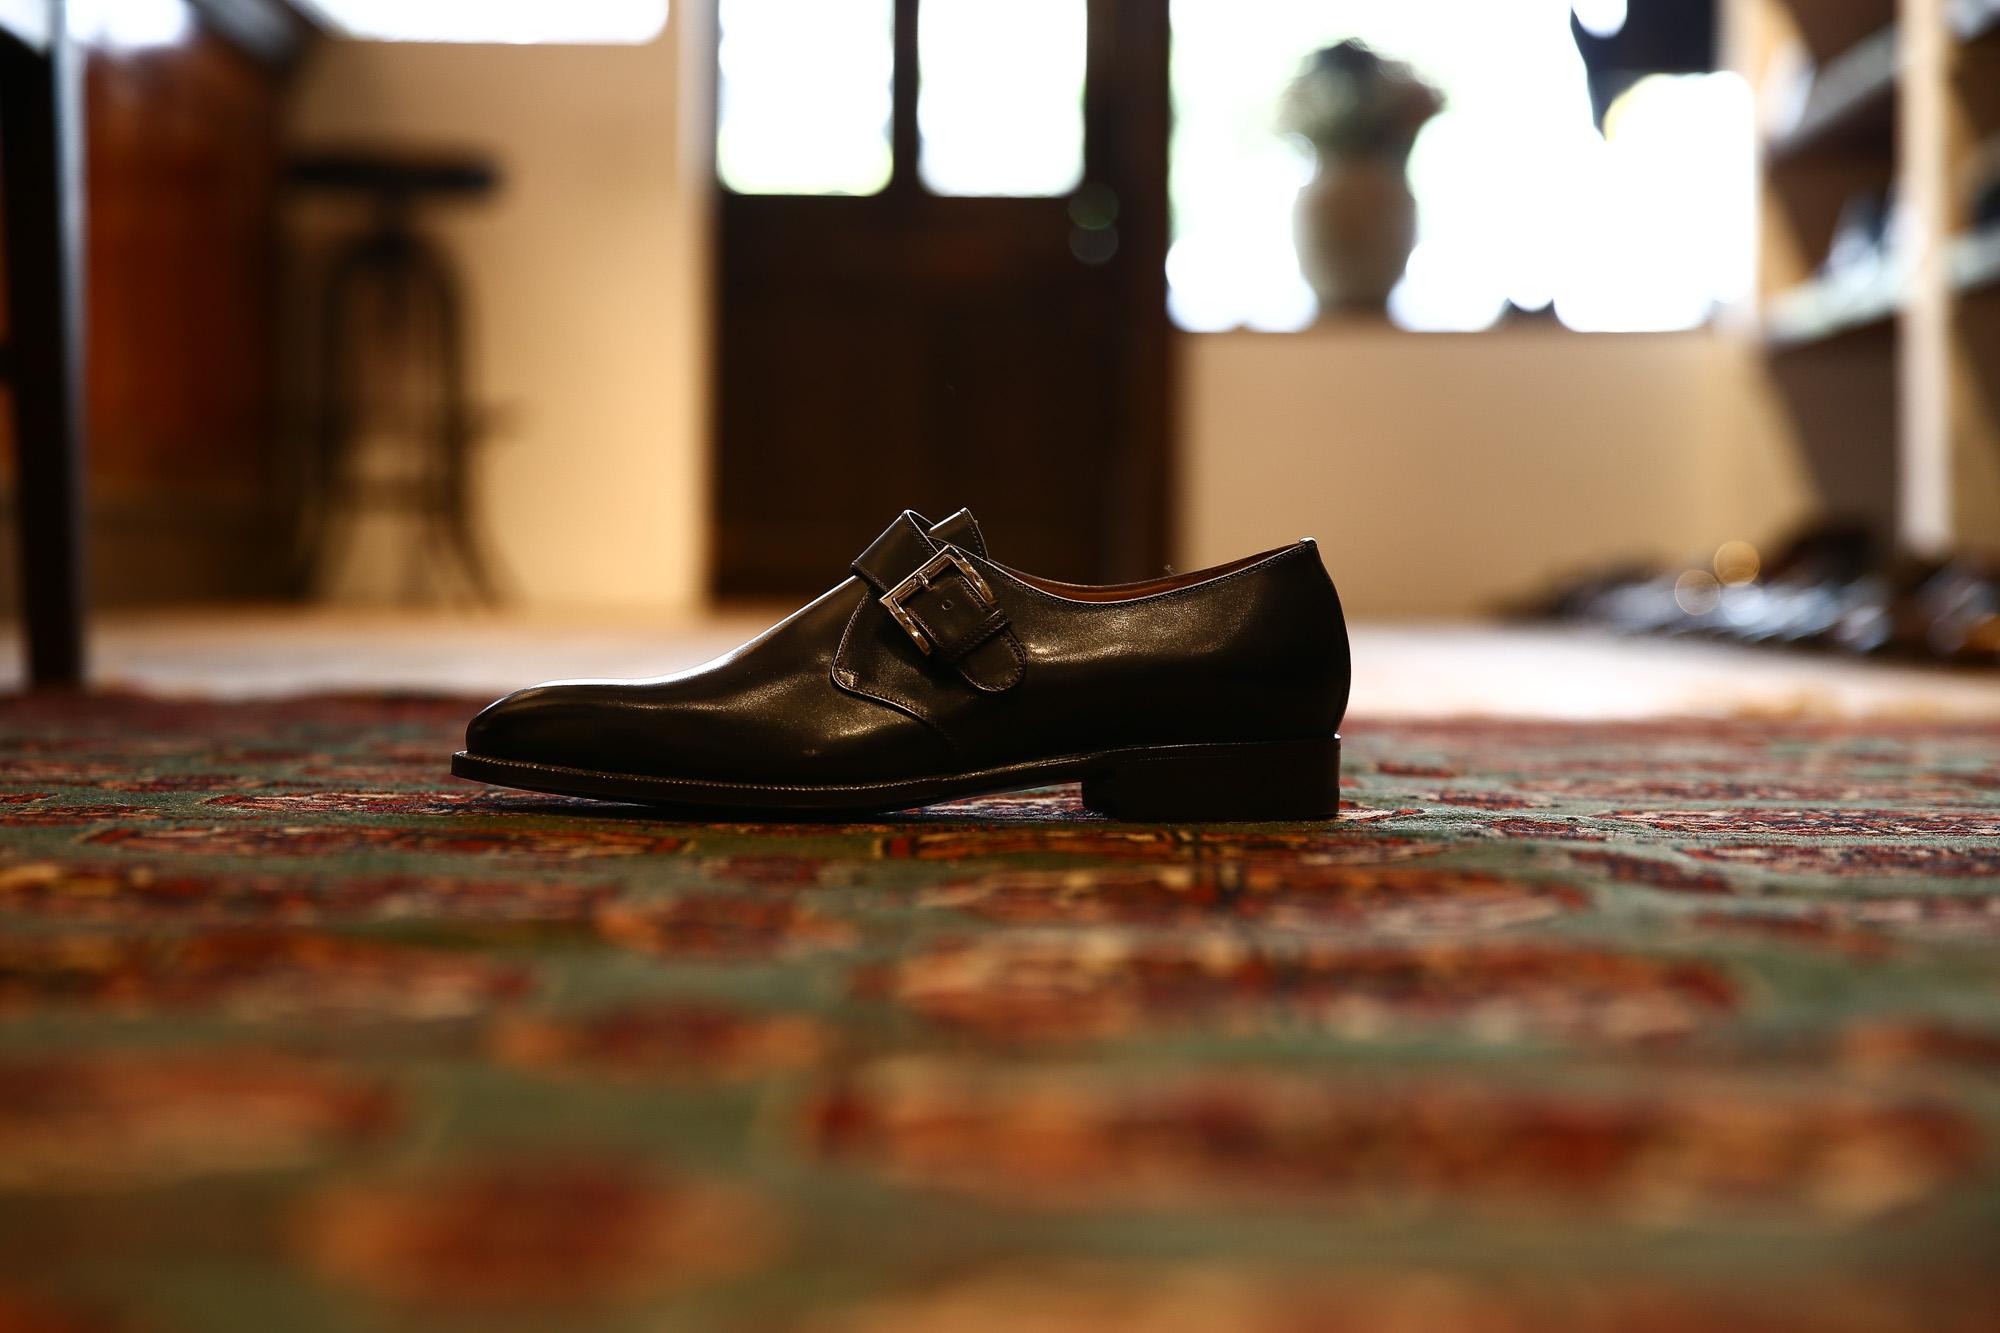 ENZO BONAFE(エンツォボナフェ) 【ART.EB-31】Single Monk Strap Shoes シングルモンクストラップシューズ ANILVEAU ドレスシューズ BLACK (ブラック) made in italy (イタリア製) 2018 春夏新作 enzobonafe エンツォボナフェ 愛知 名古屋 Alto e Diritto アルト エ デリット 2018年新作モデル 日本企画 木型 ダブルモンク コードバン